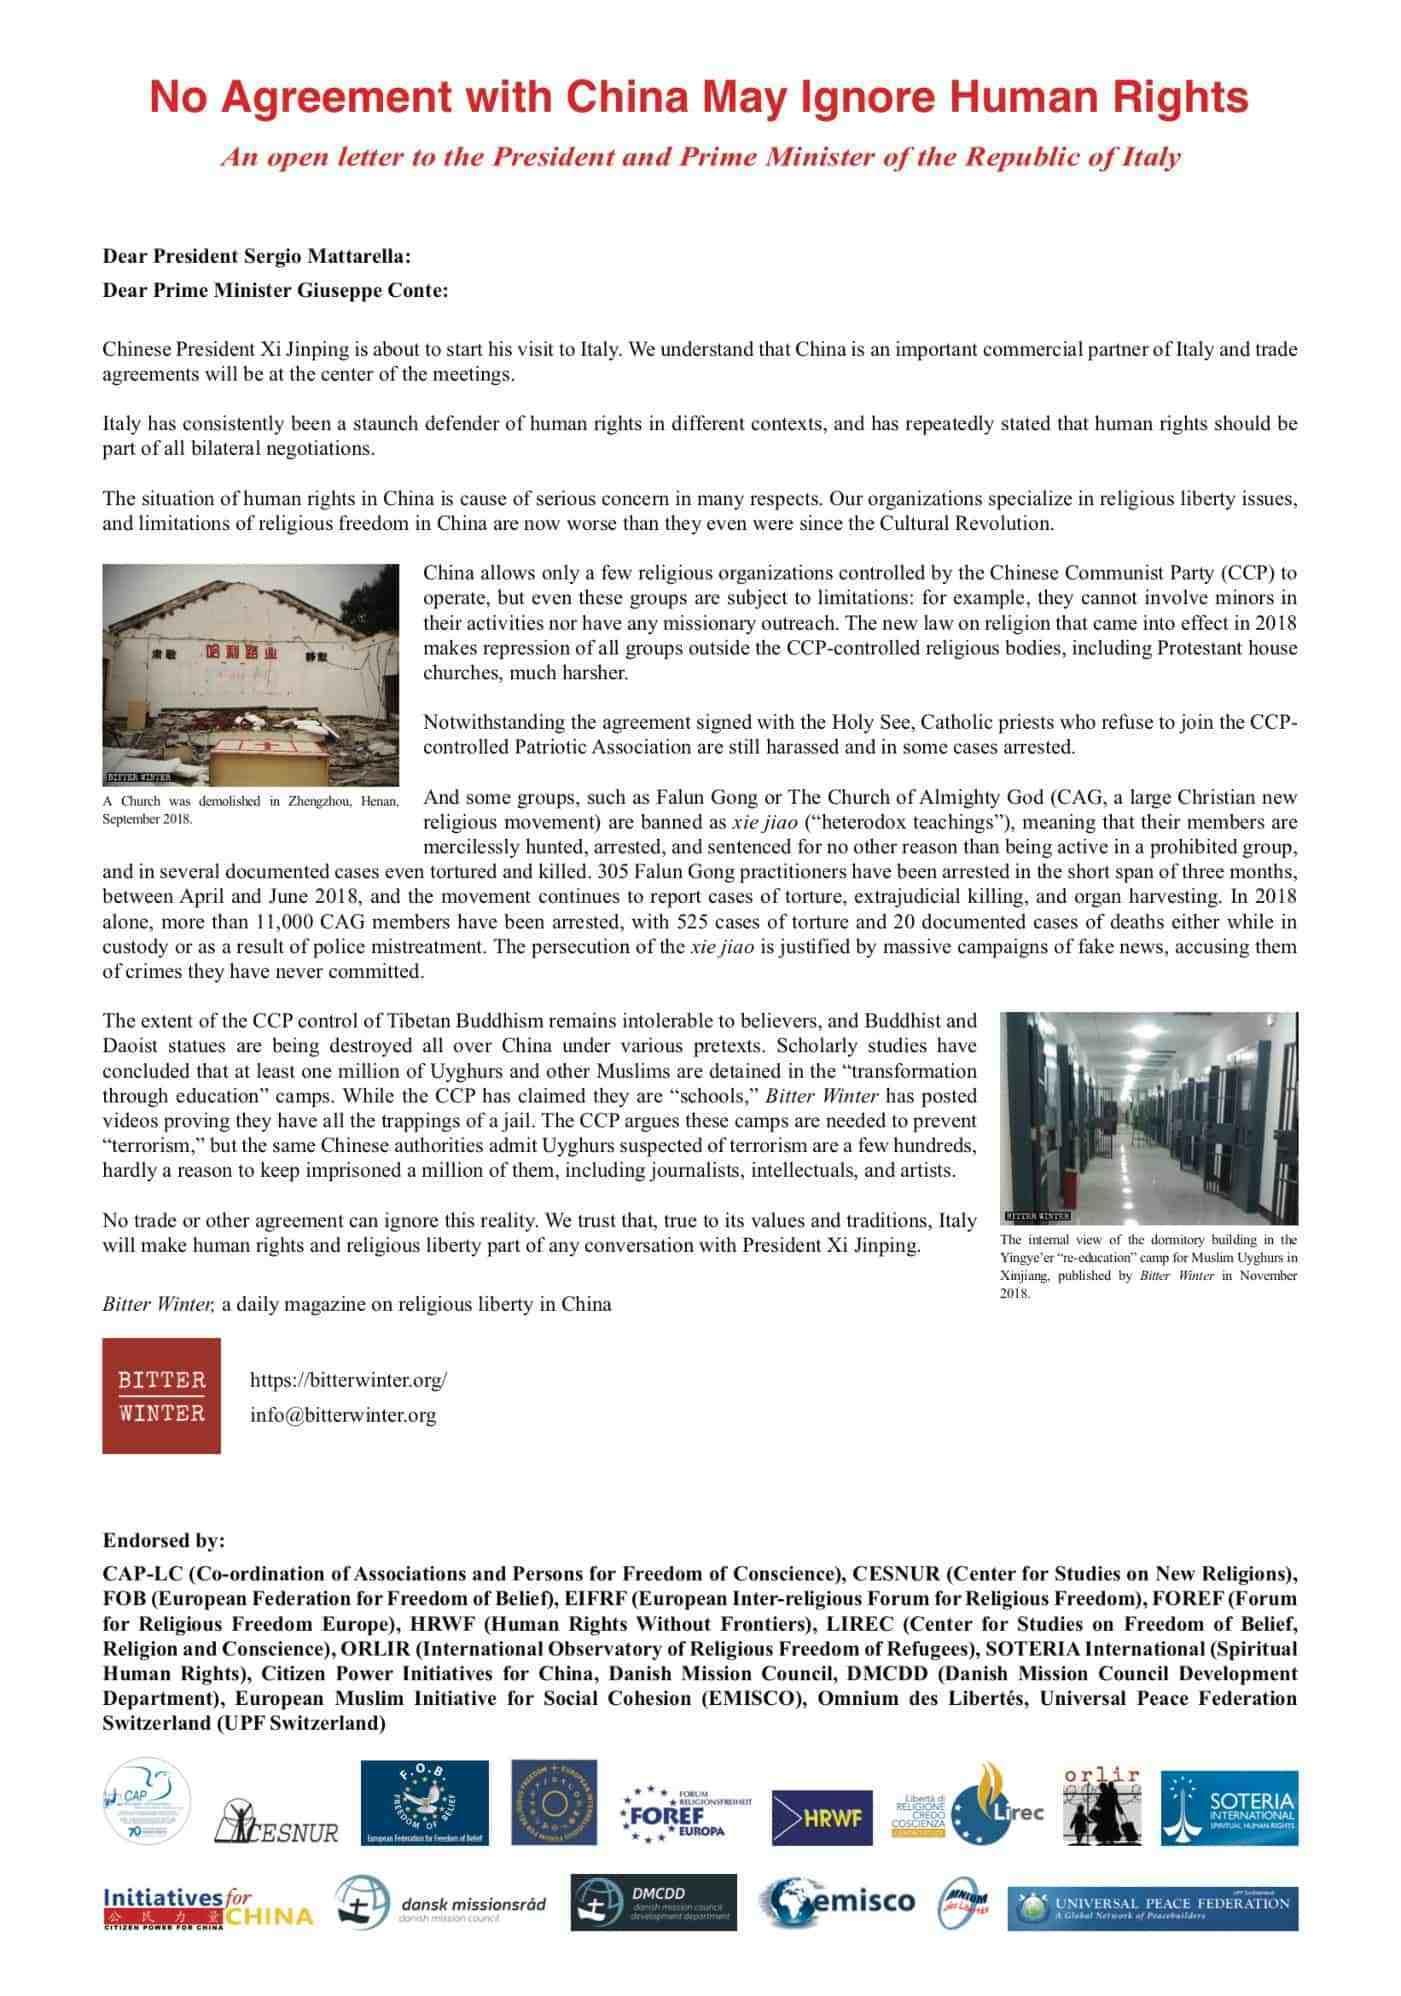 习近平访意NGO呼吁与中方签订协议不能忽视中国人权问题